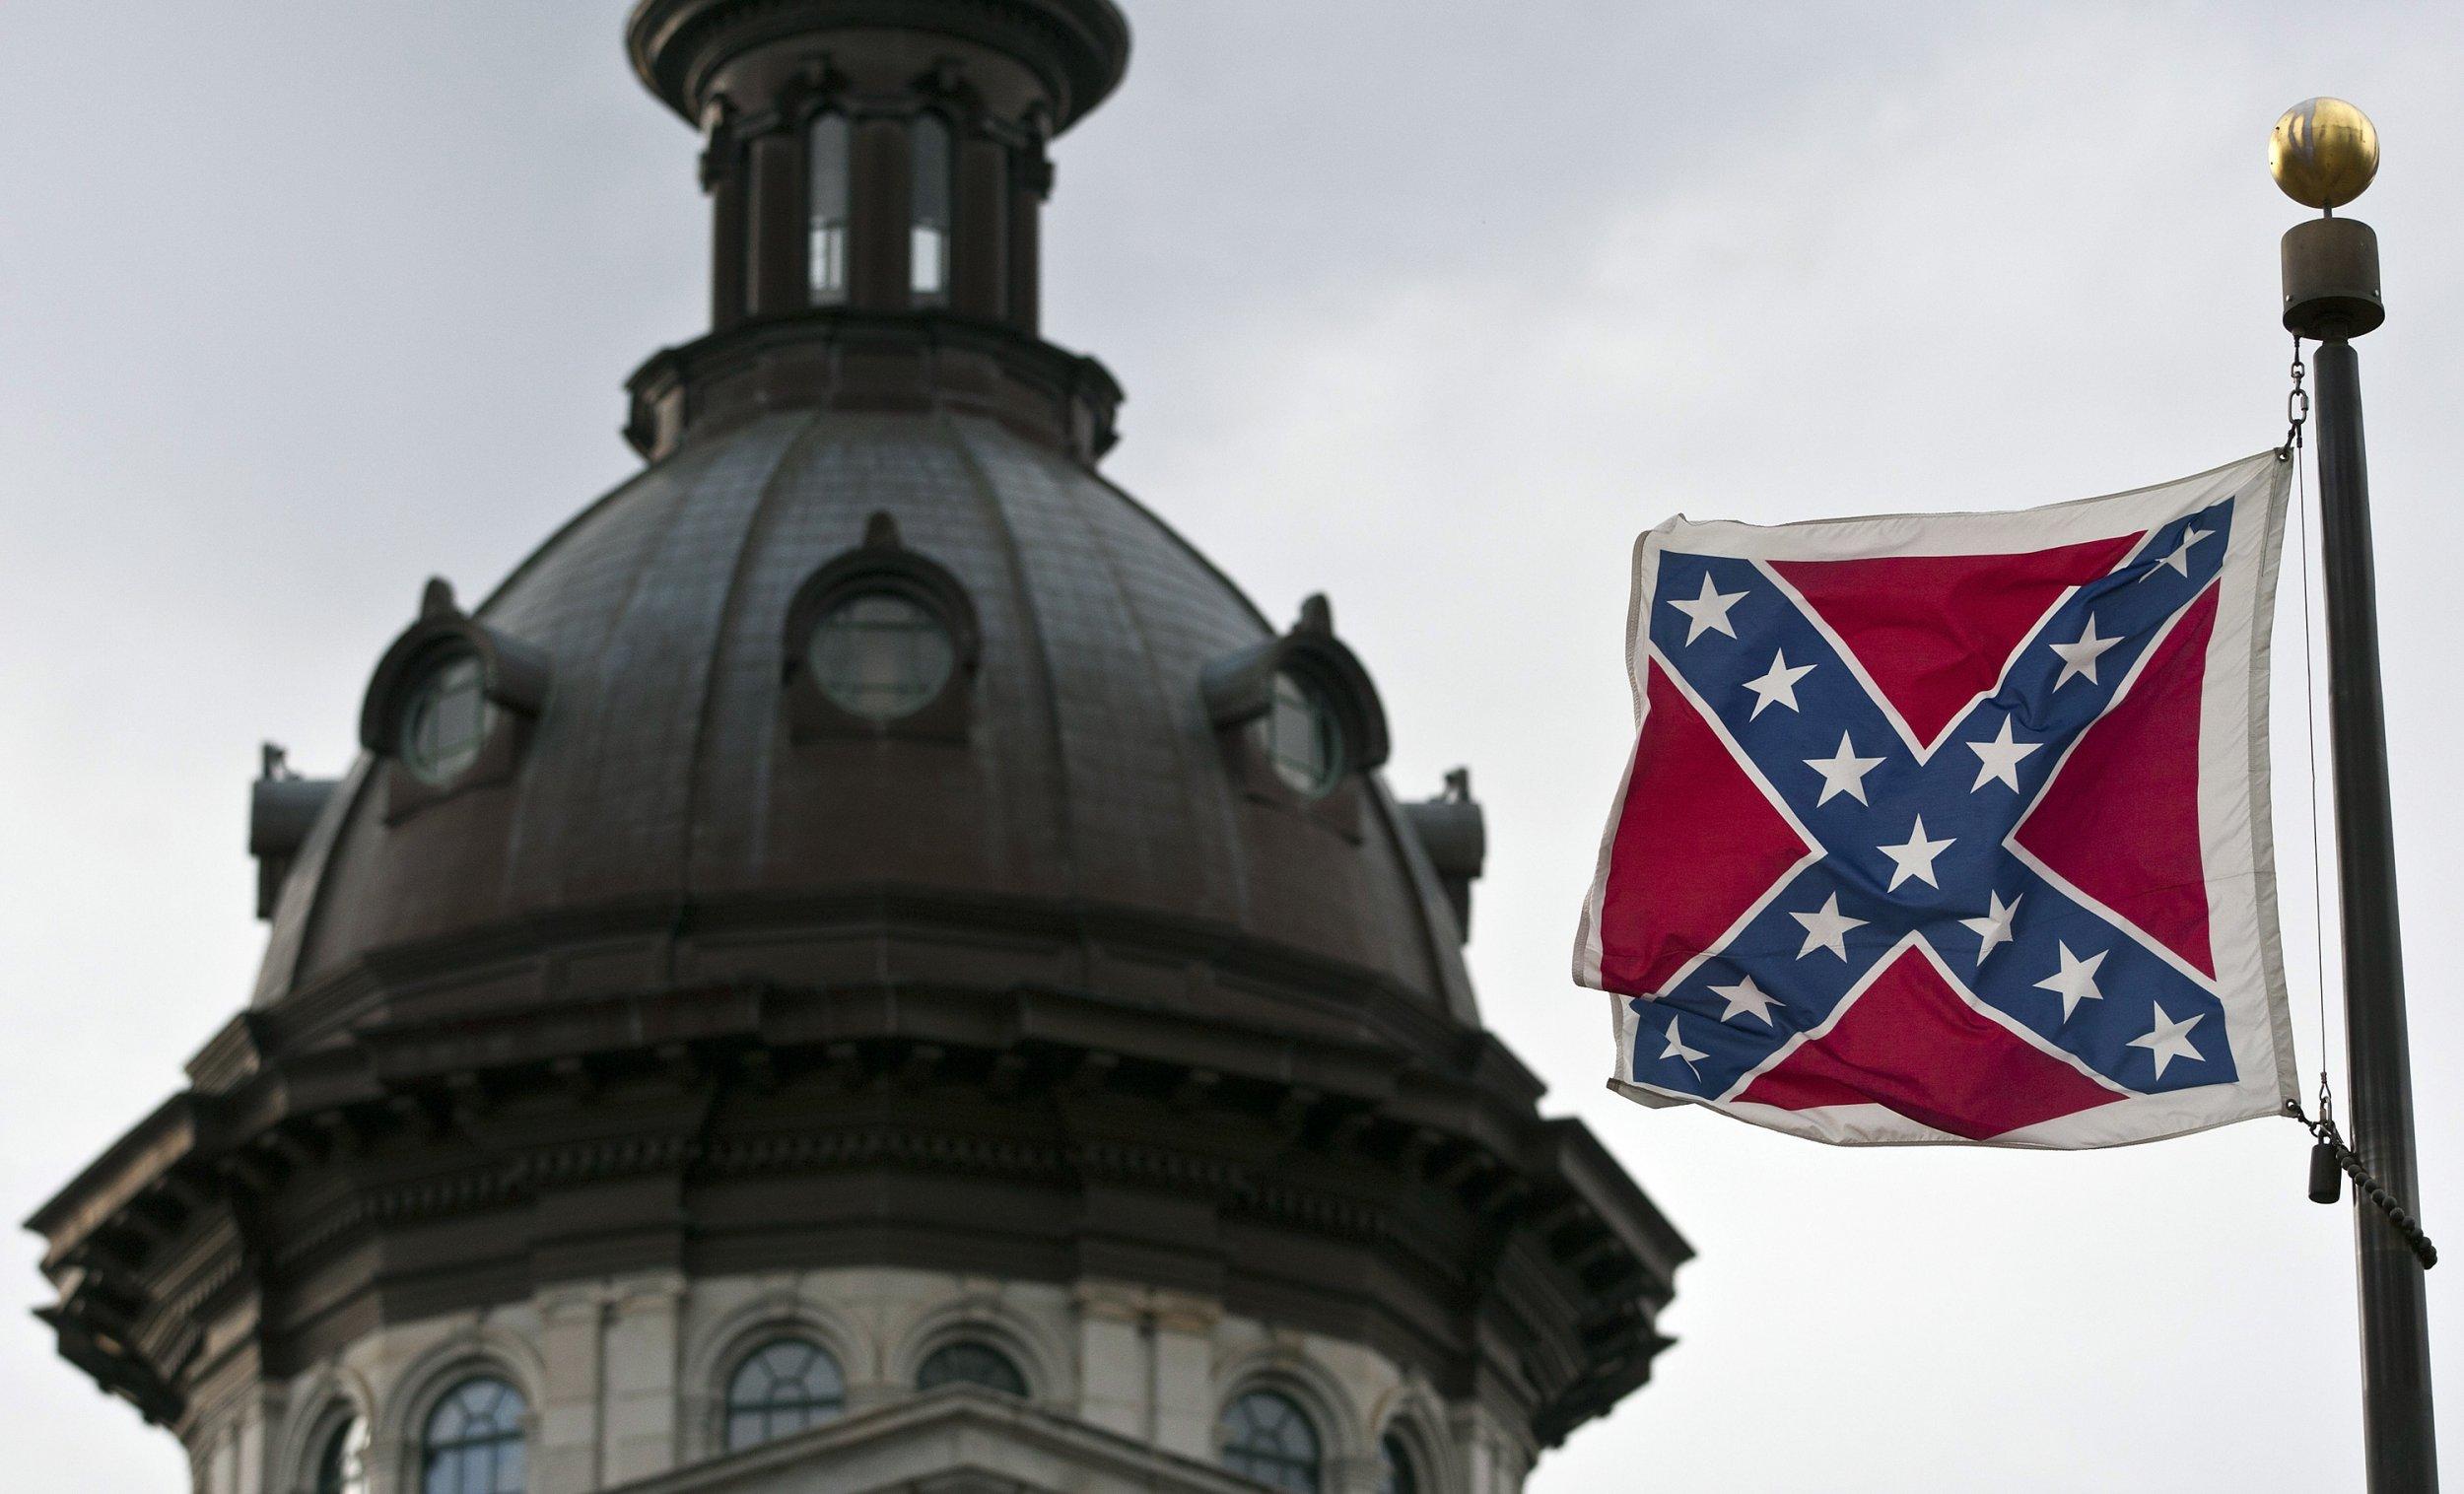 6-18-15 Confederate flag S